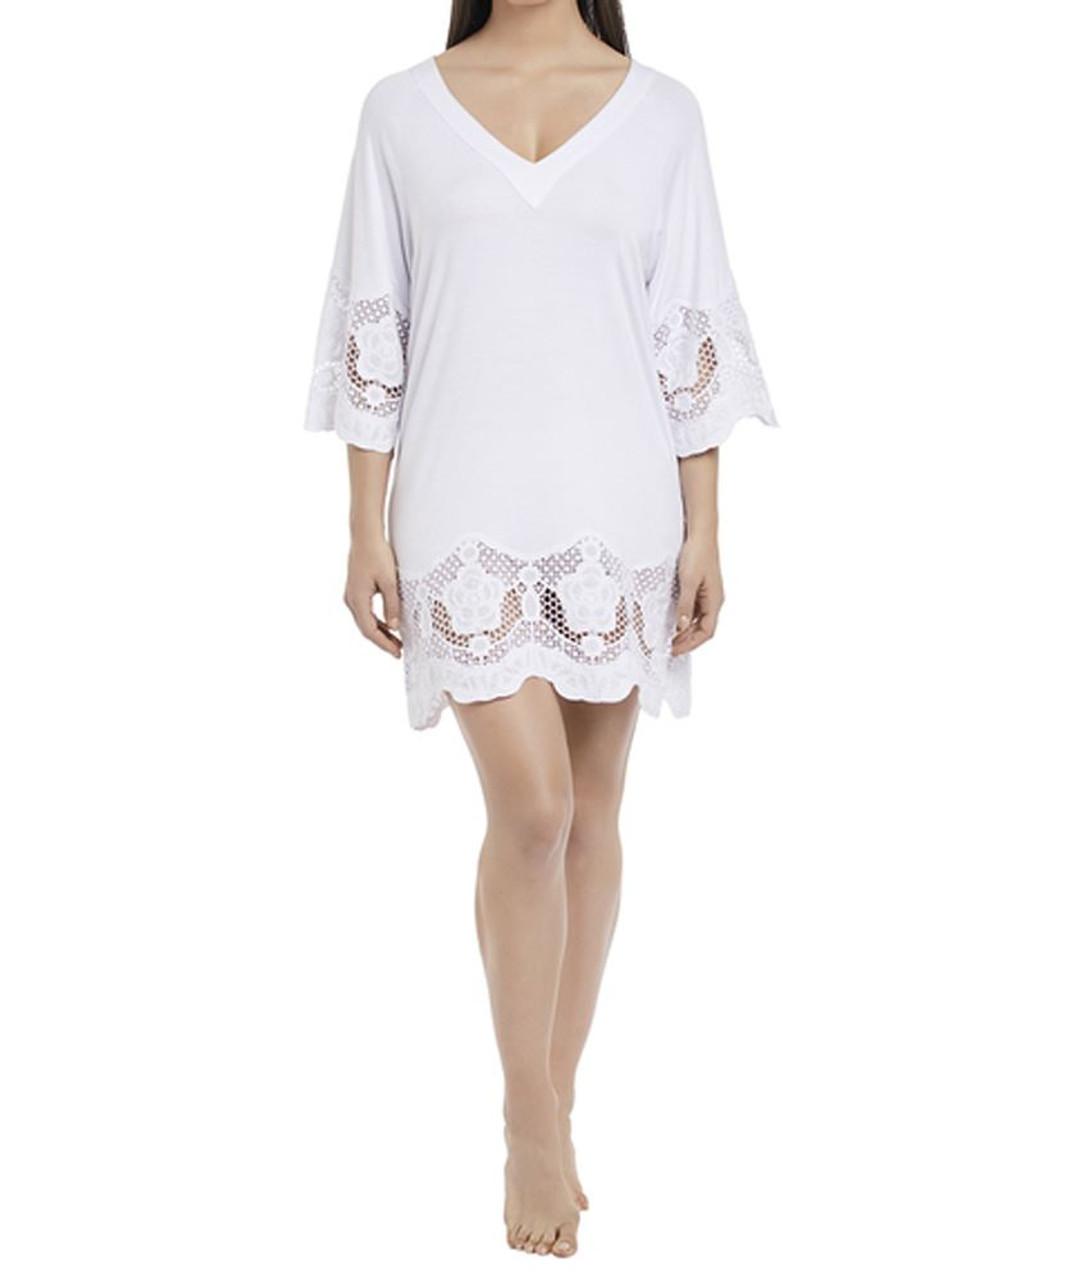 WHE S CS Fantasie Dione FS6364 Beach Tunic White